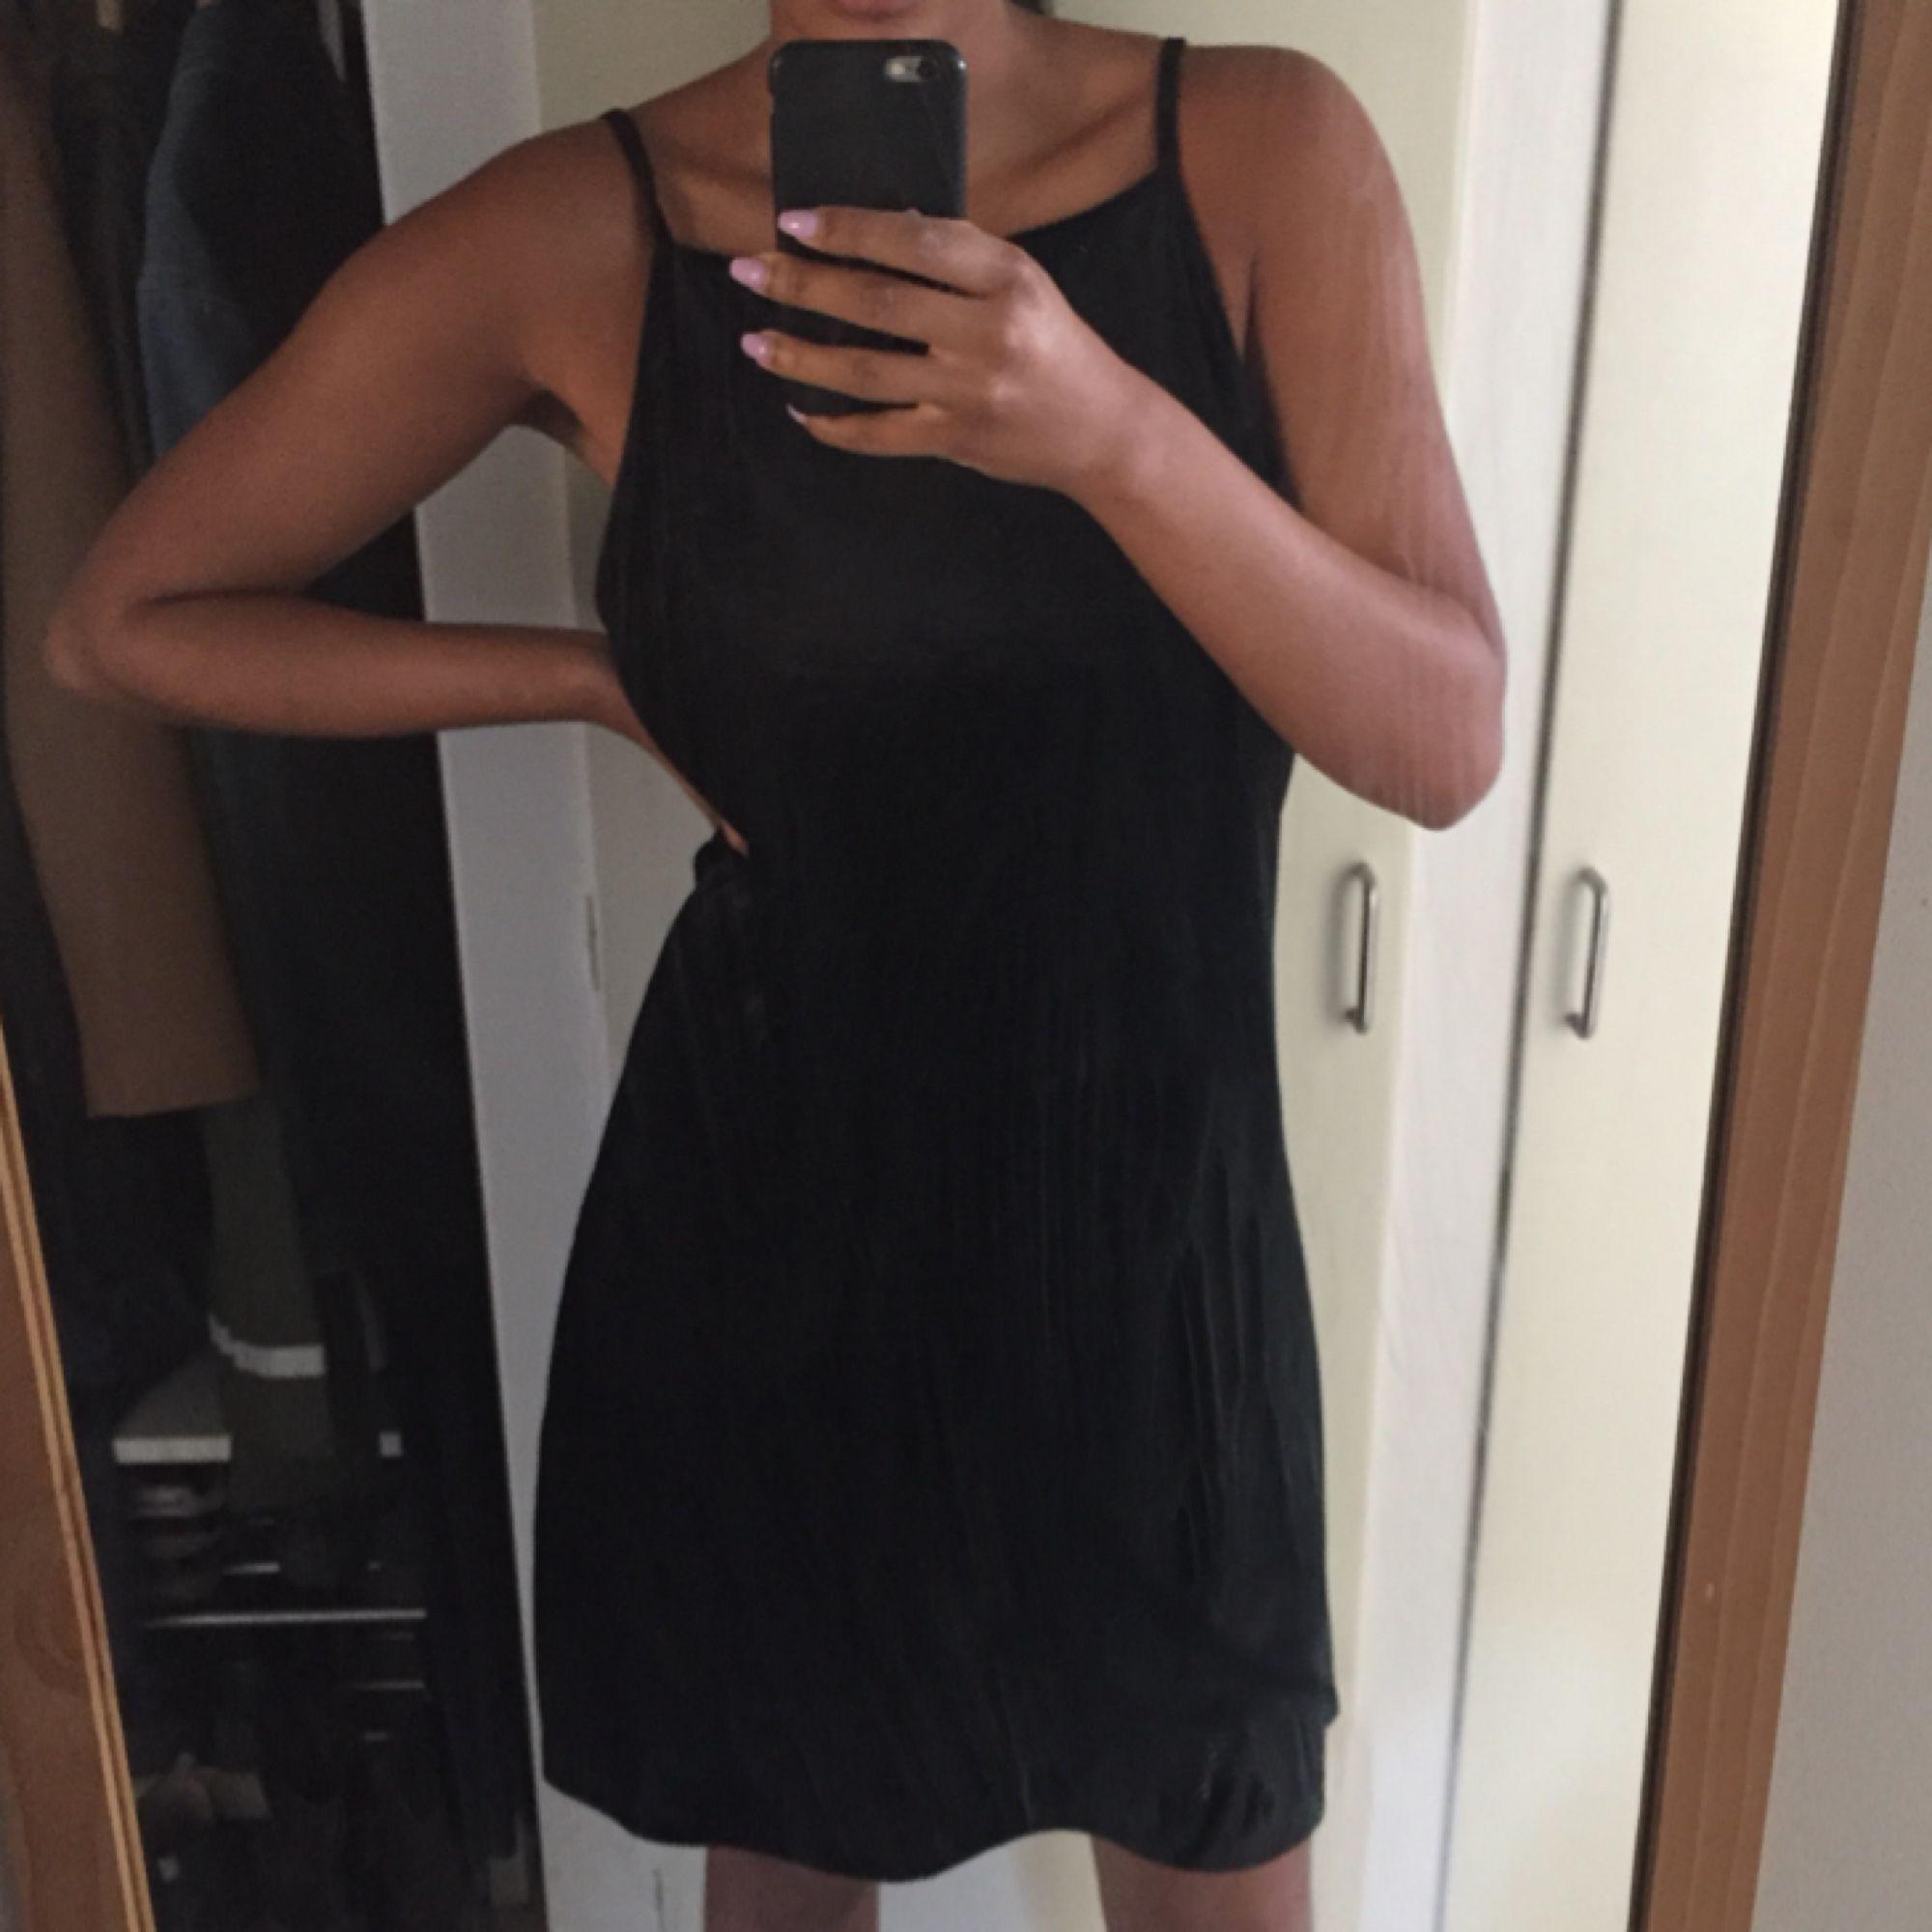 9ed38a335a0c Superfin somrig svart ribbad klänning från Monki. Sparsamt använd. 228  kronor inkl frakt ☀